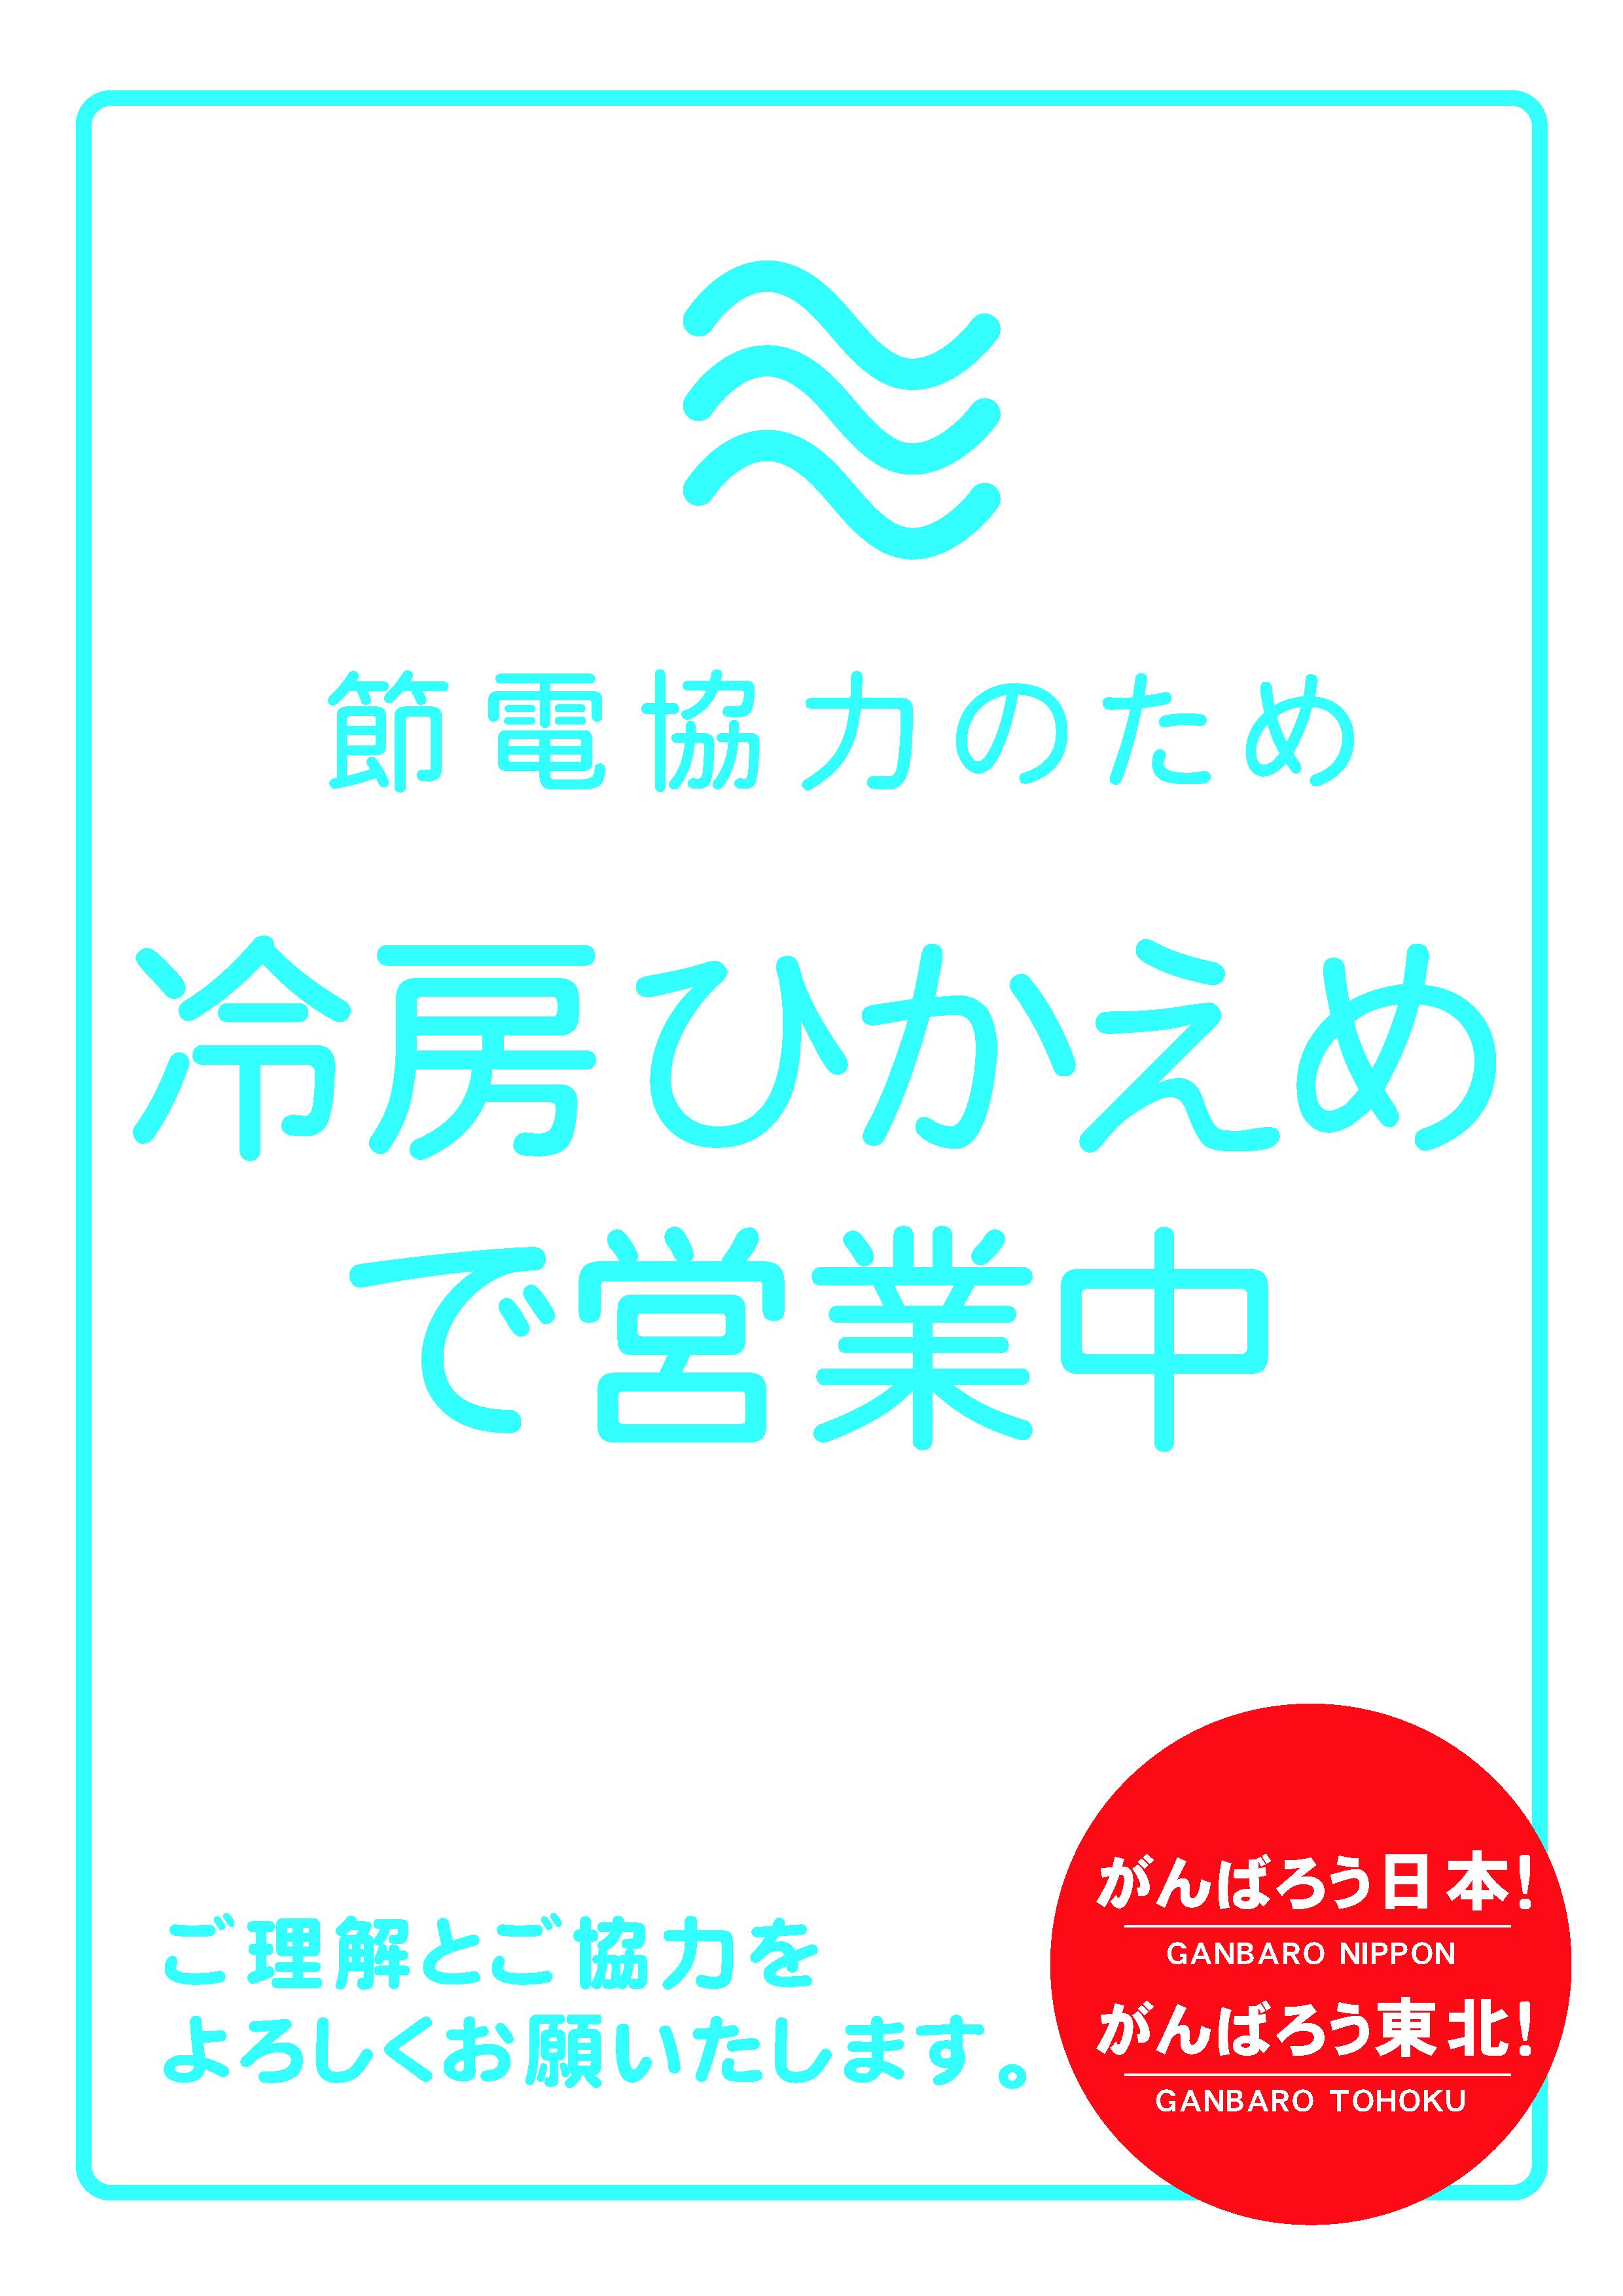 復興支援「節電協力・冷房ひかえめで営業中ポスター」ロゴ